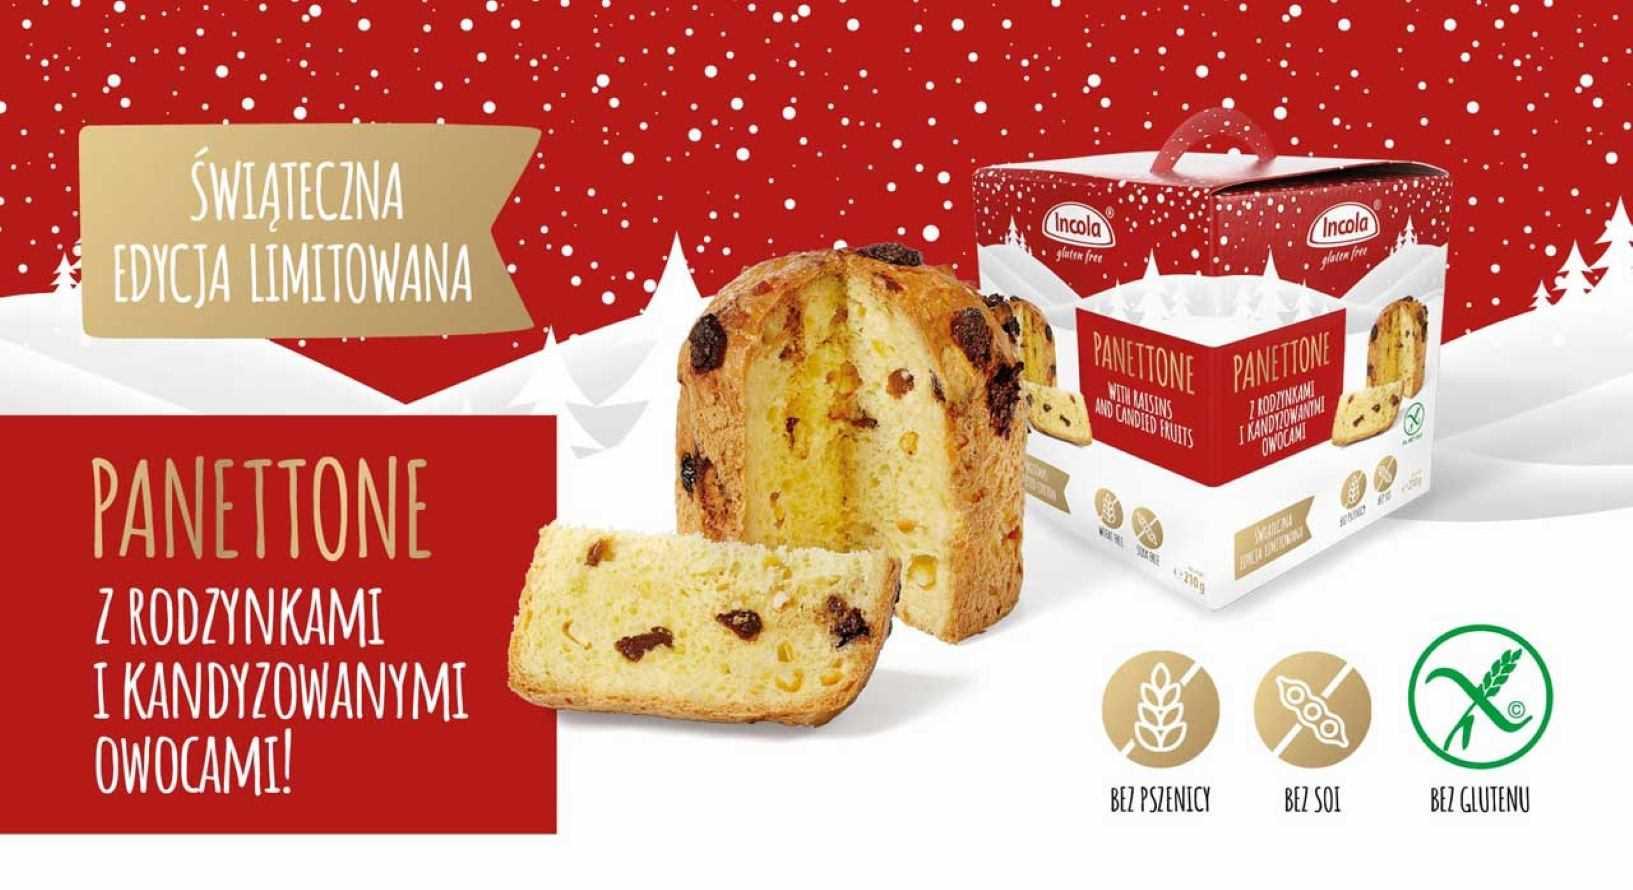 Świąteczna edycja limitowana Incola Panettone z rodzynkami kandyzowanymi i owocami